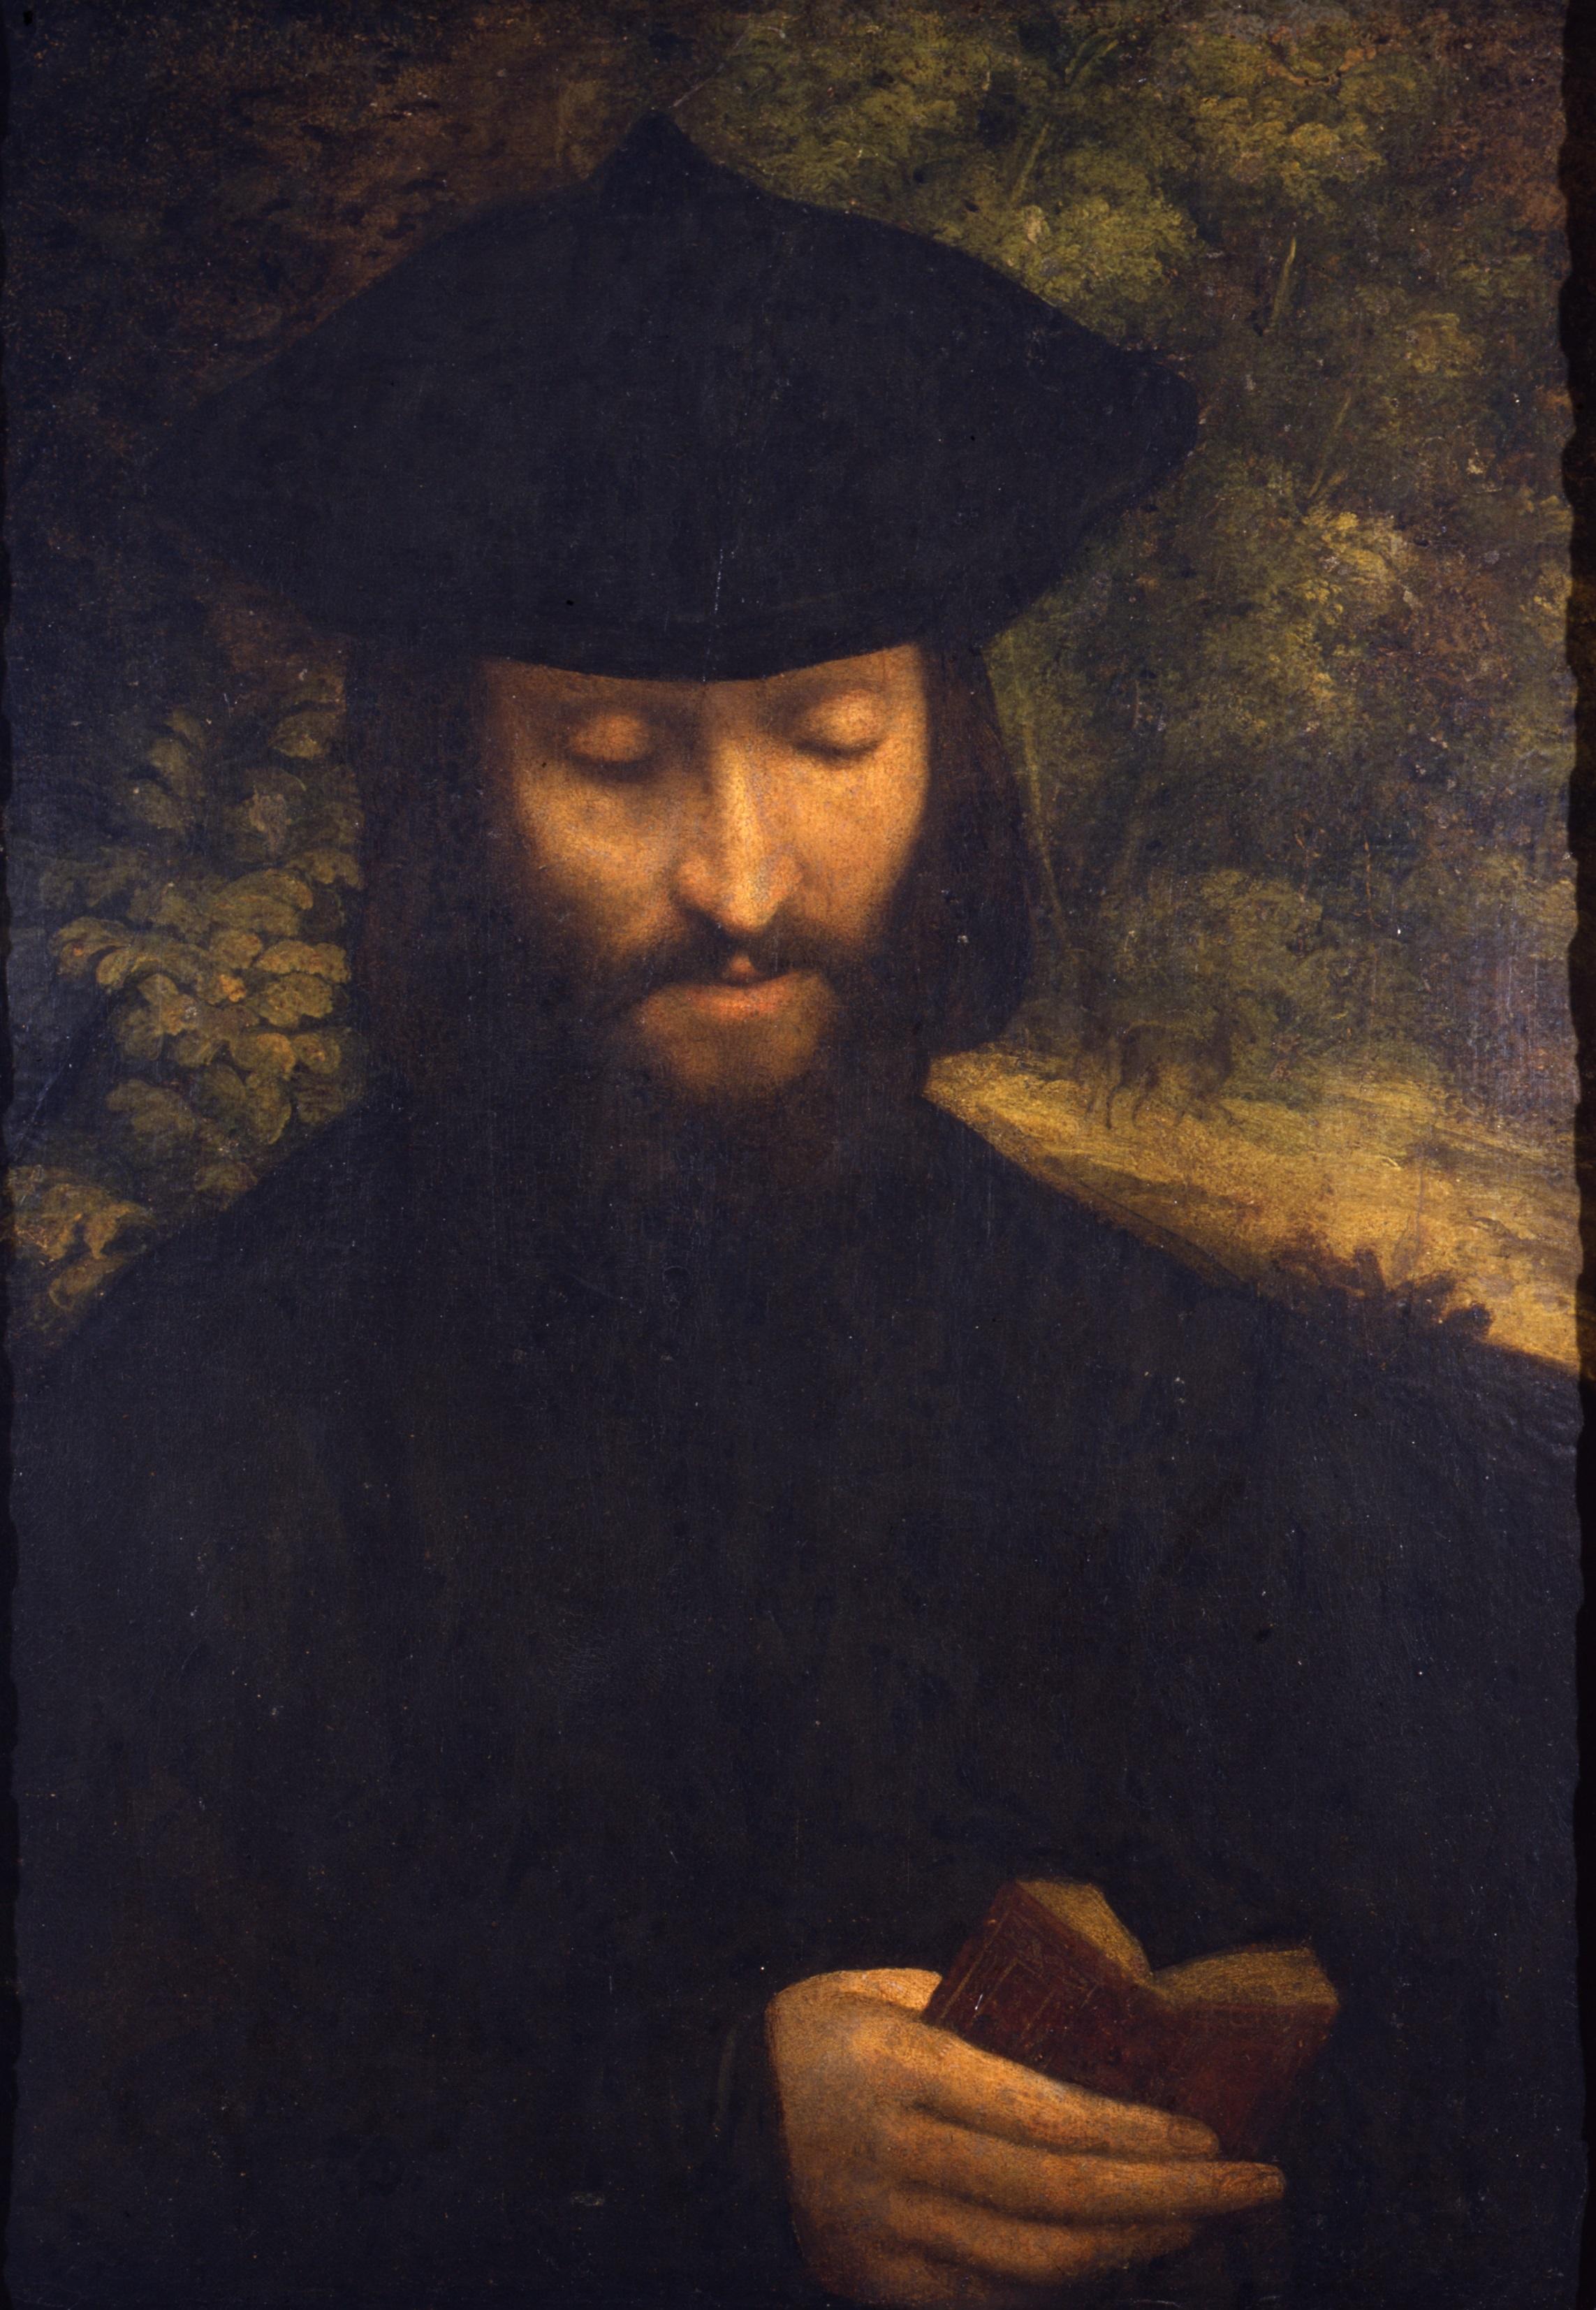 Correggio (Antonio Allegri) Ritratto di uomo leggente olio su carta incollato su tela 60.2 x 42.5 cm. Milano, Museo d'Arte Antica del Castello Sforzesco, Pinacoteca